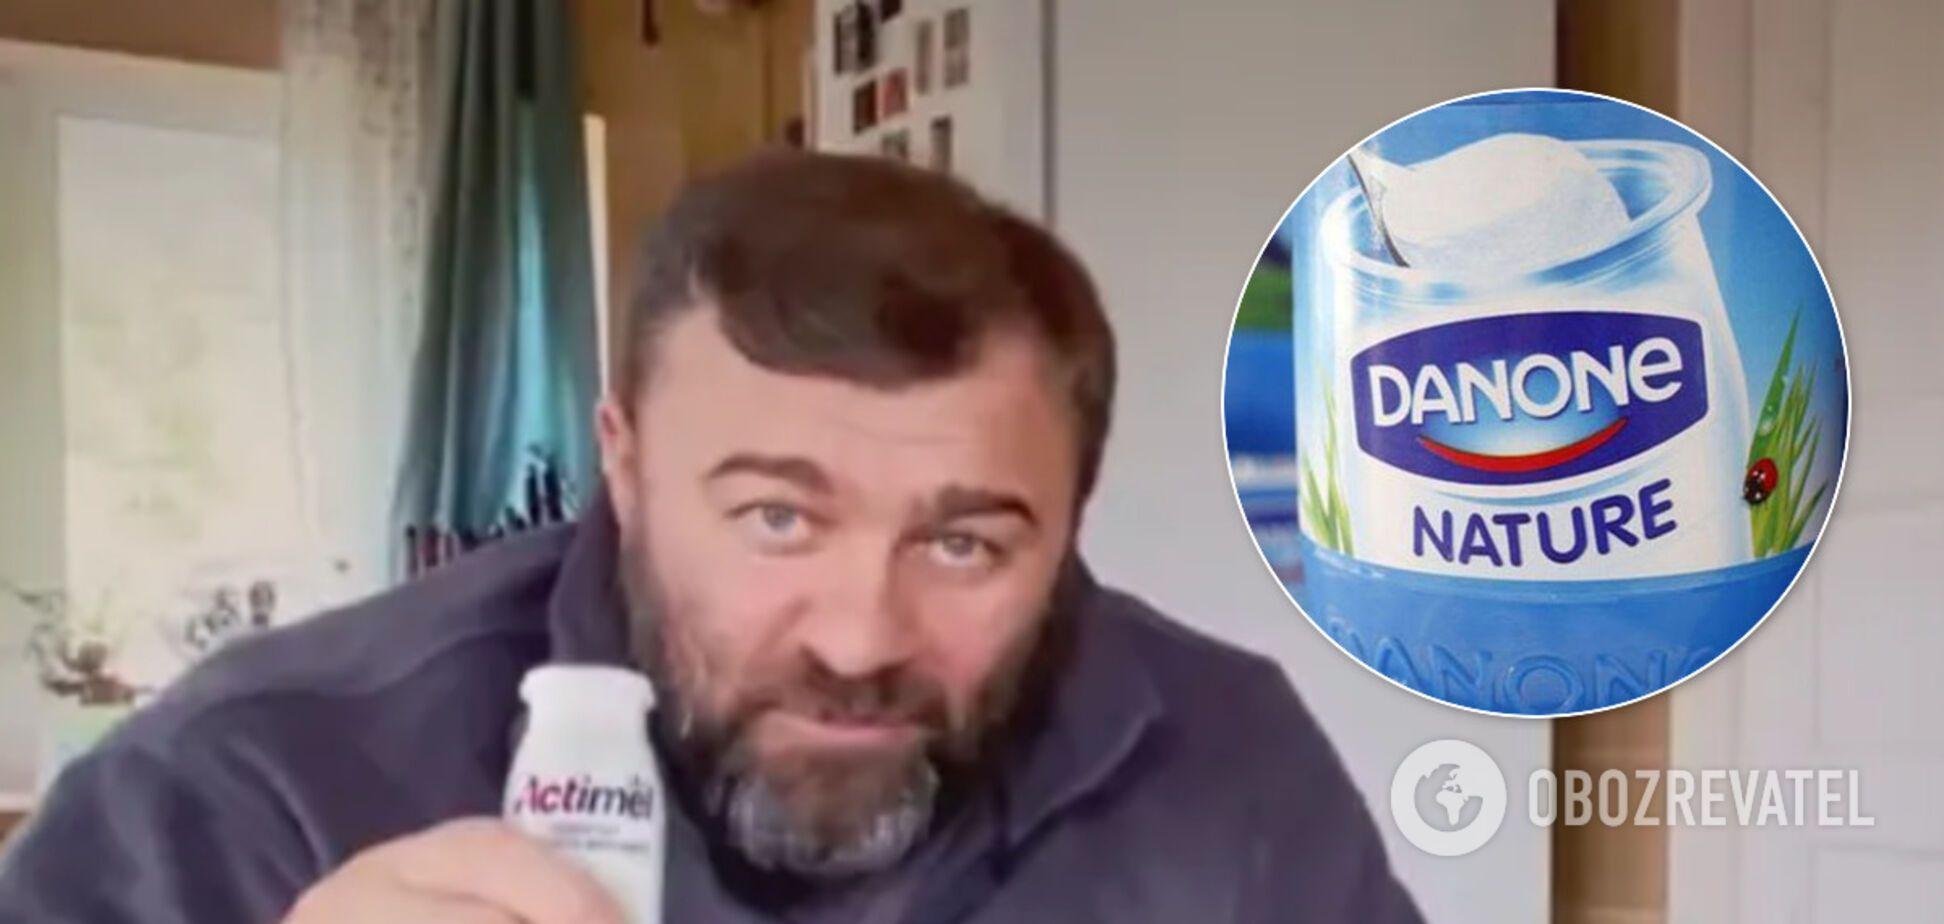 Украинский Danone отреагировал на рекламу с Пореченковым, который стрелял в ВСУ